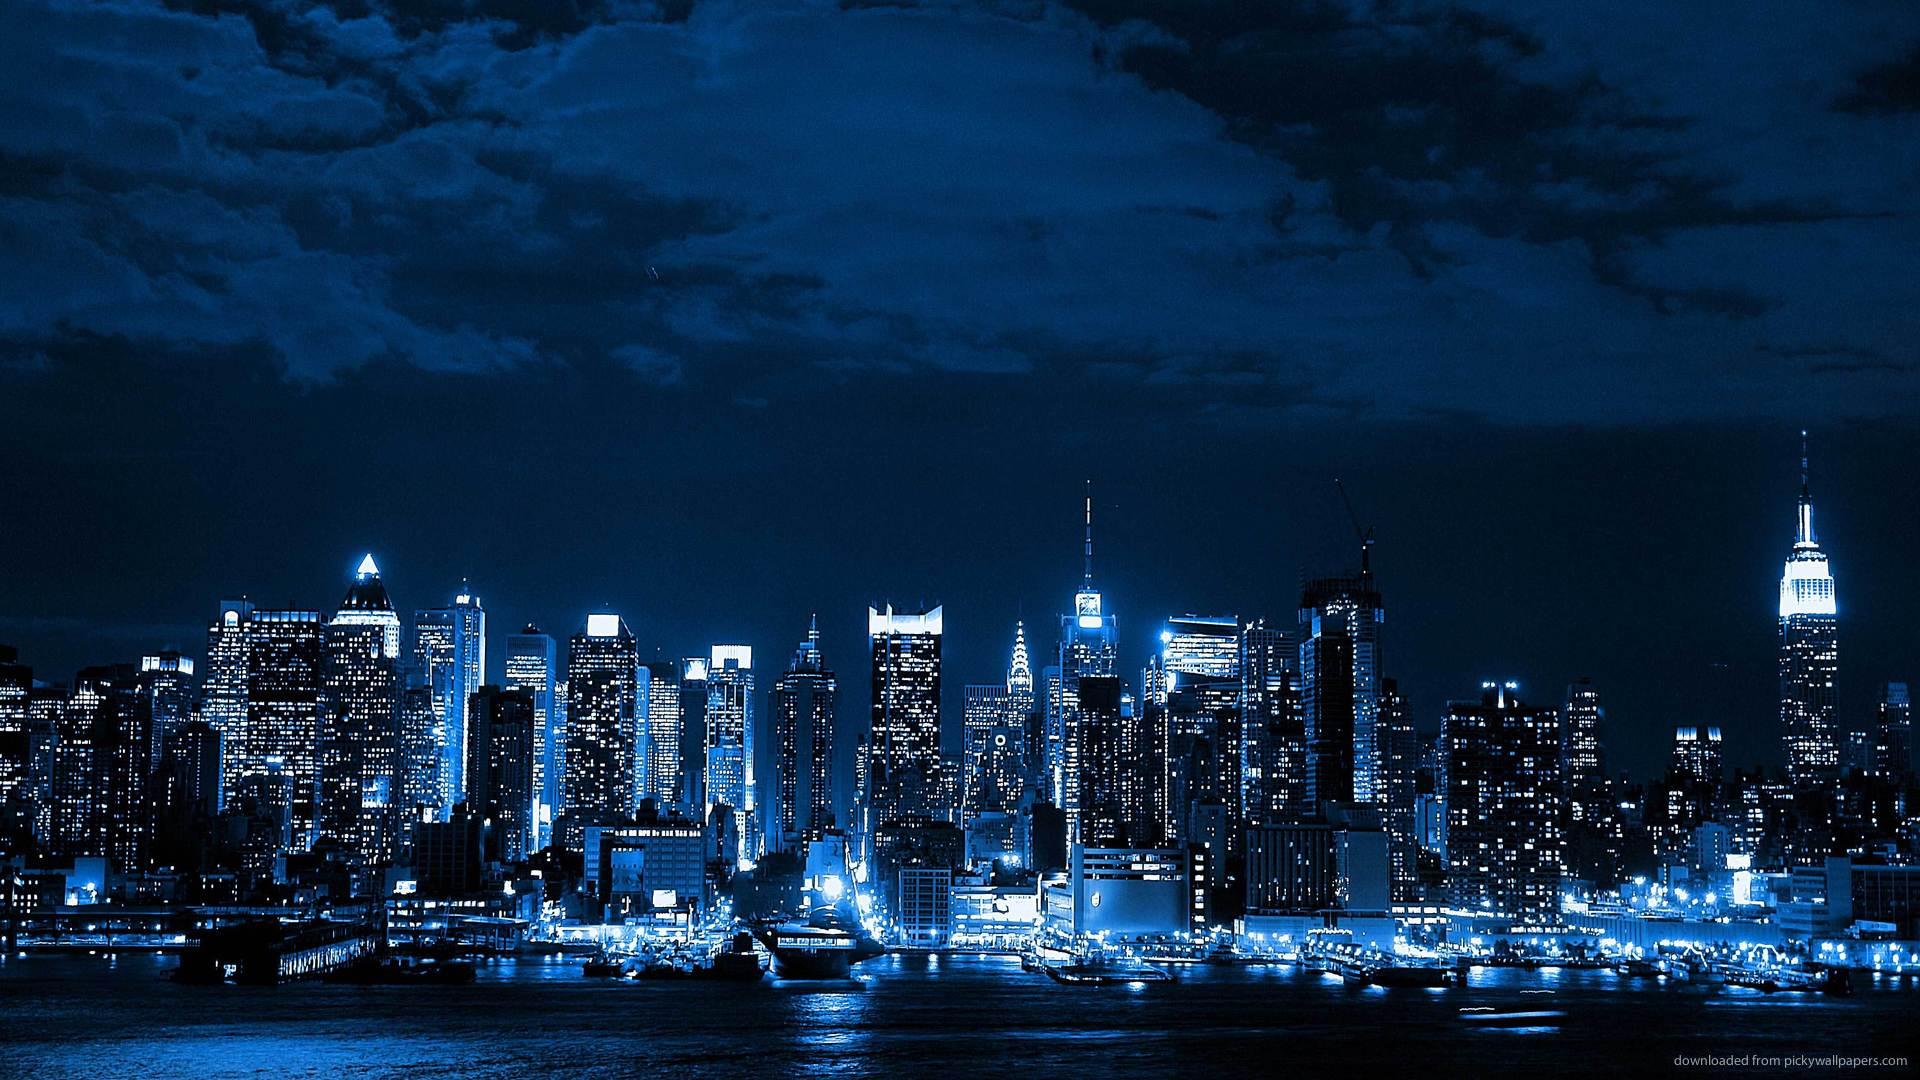 Blue Neon Cityscape picture 1920x1080